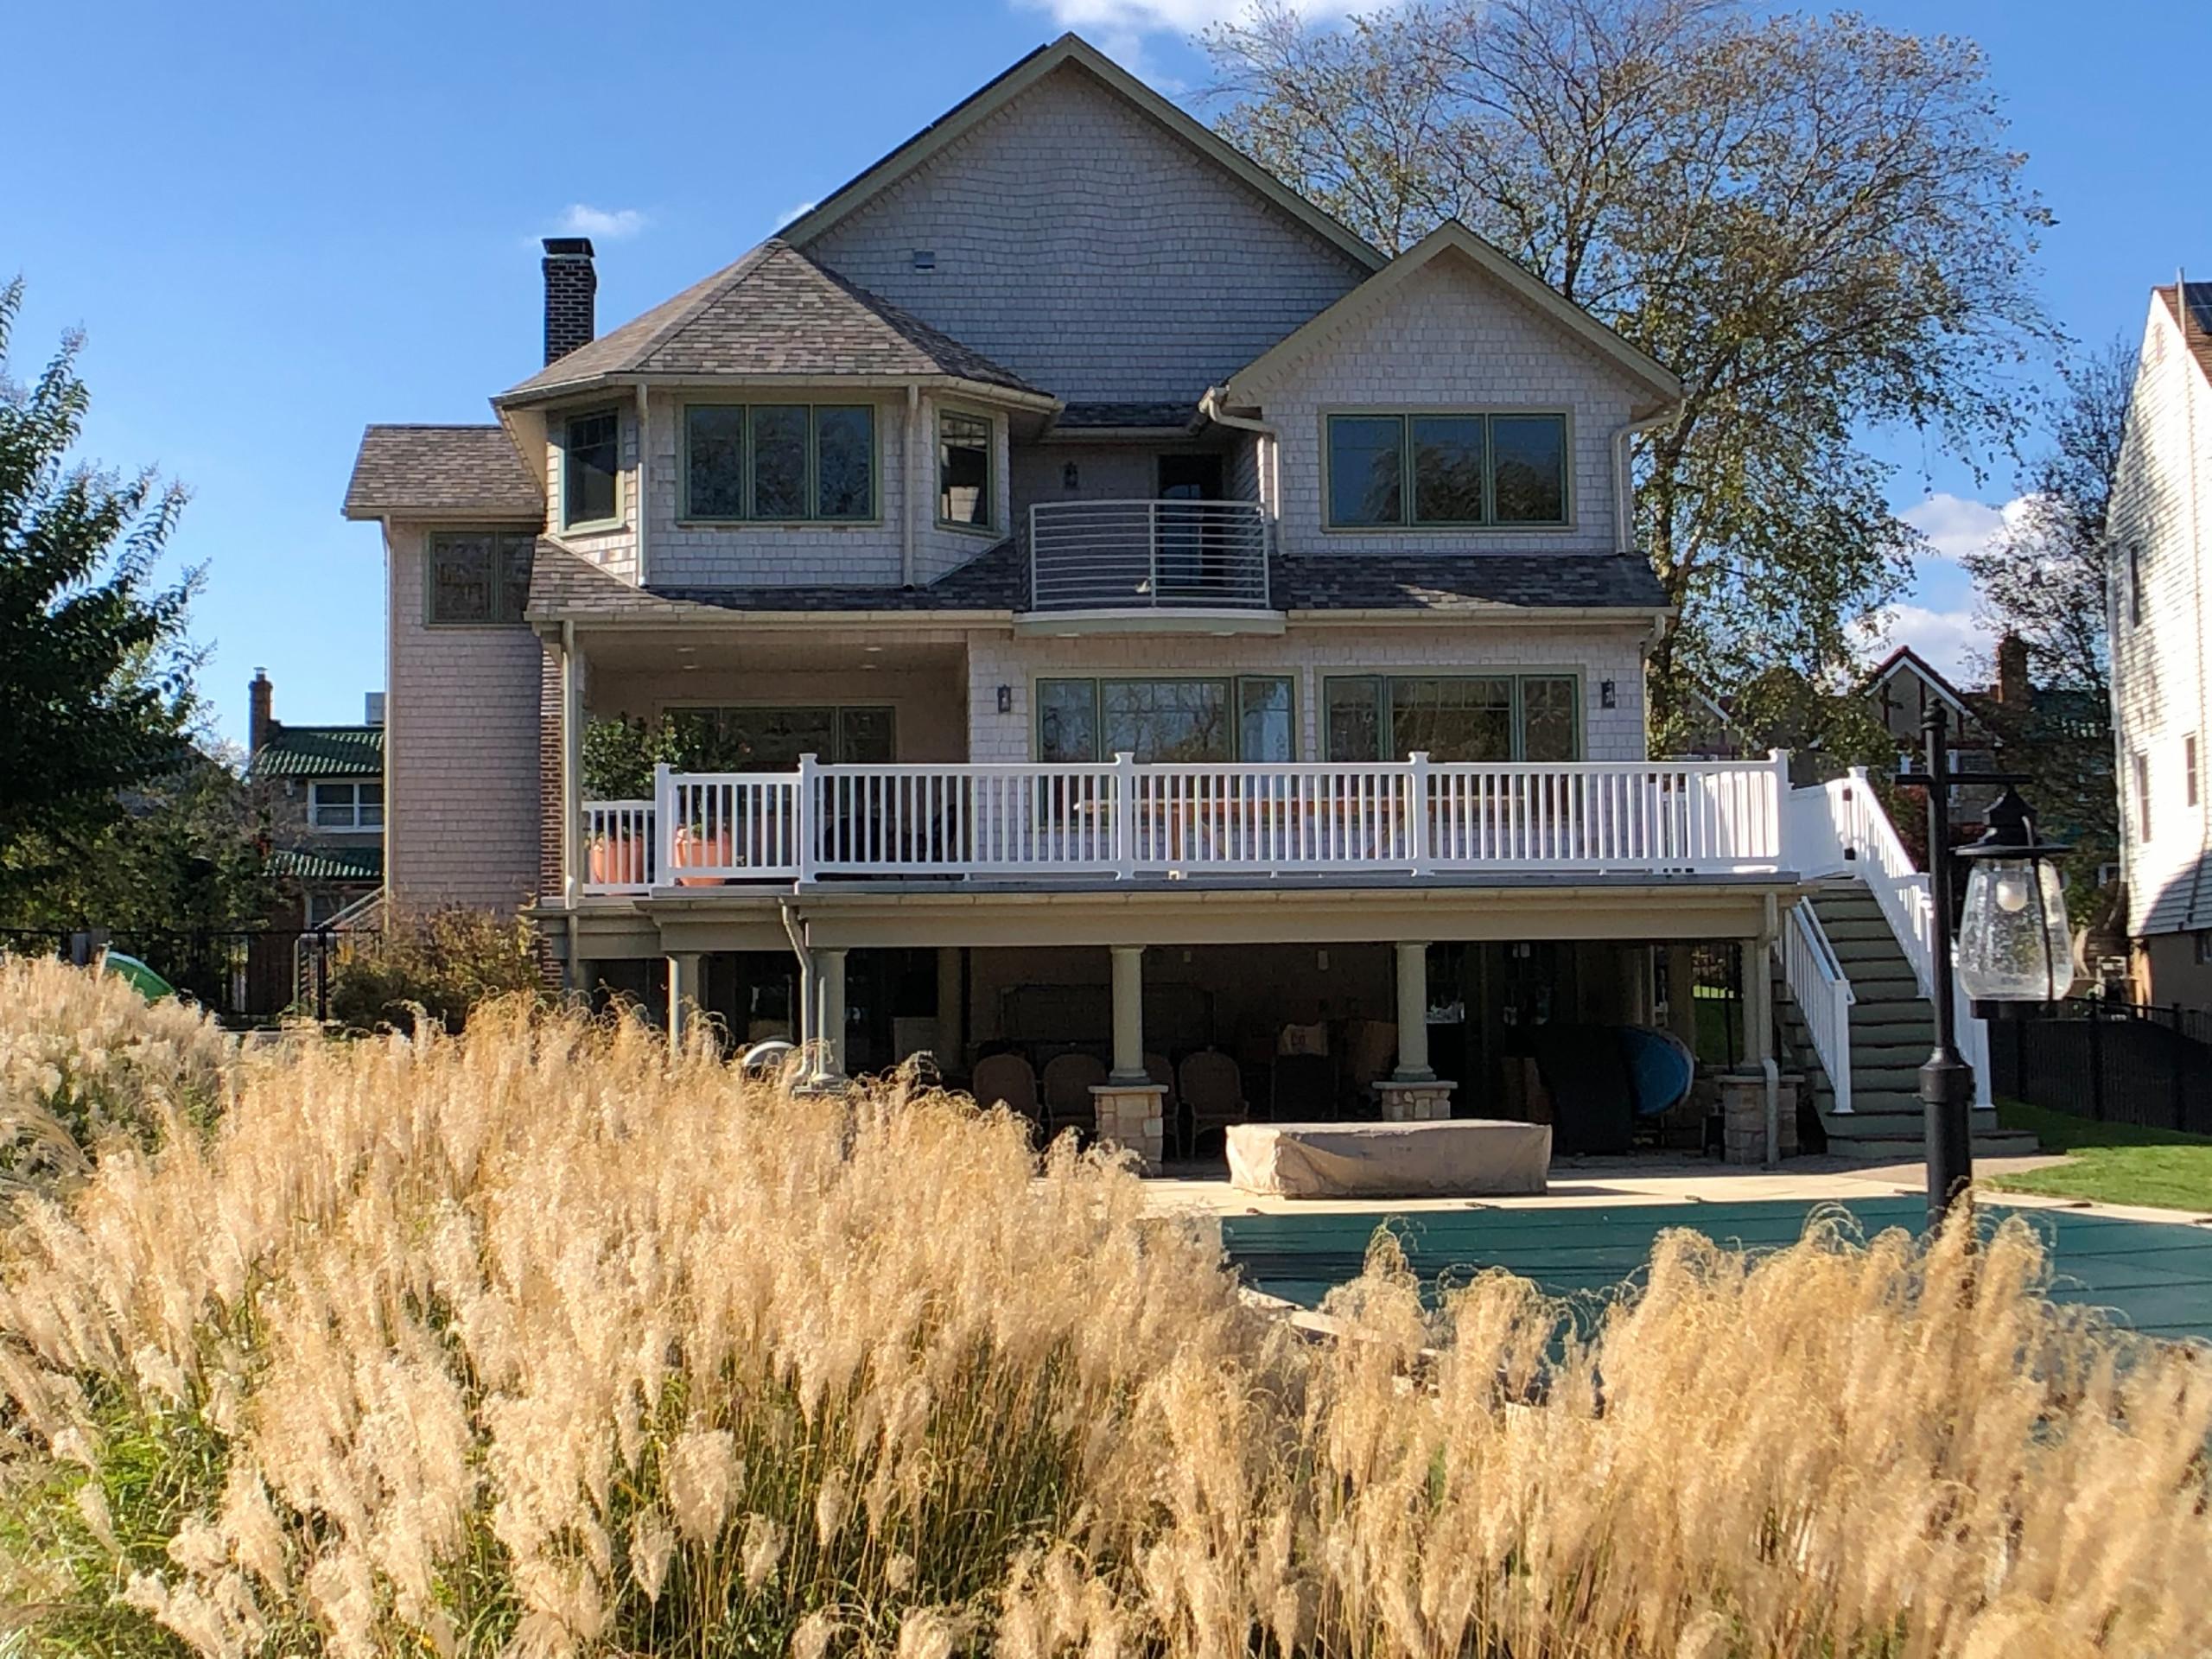 Beach House - Exterior Back